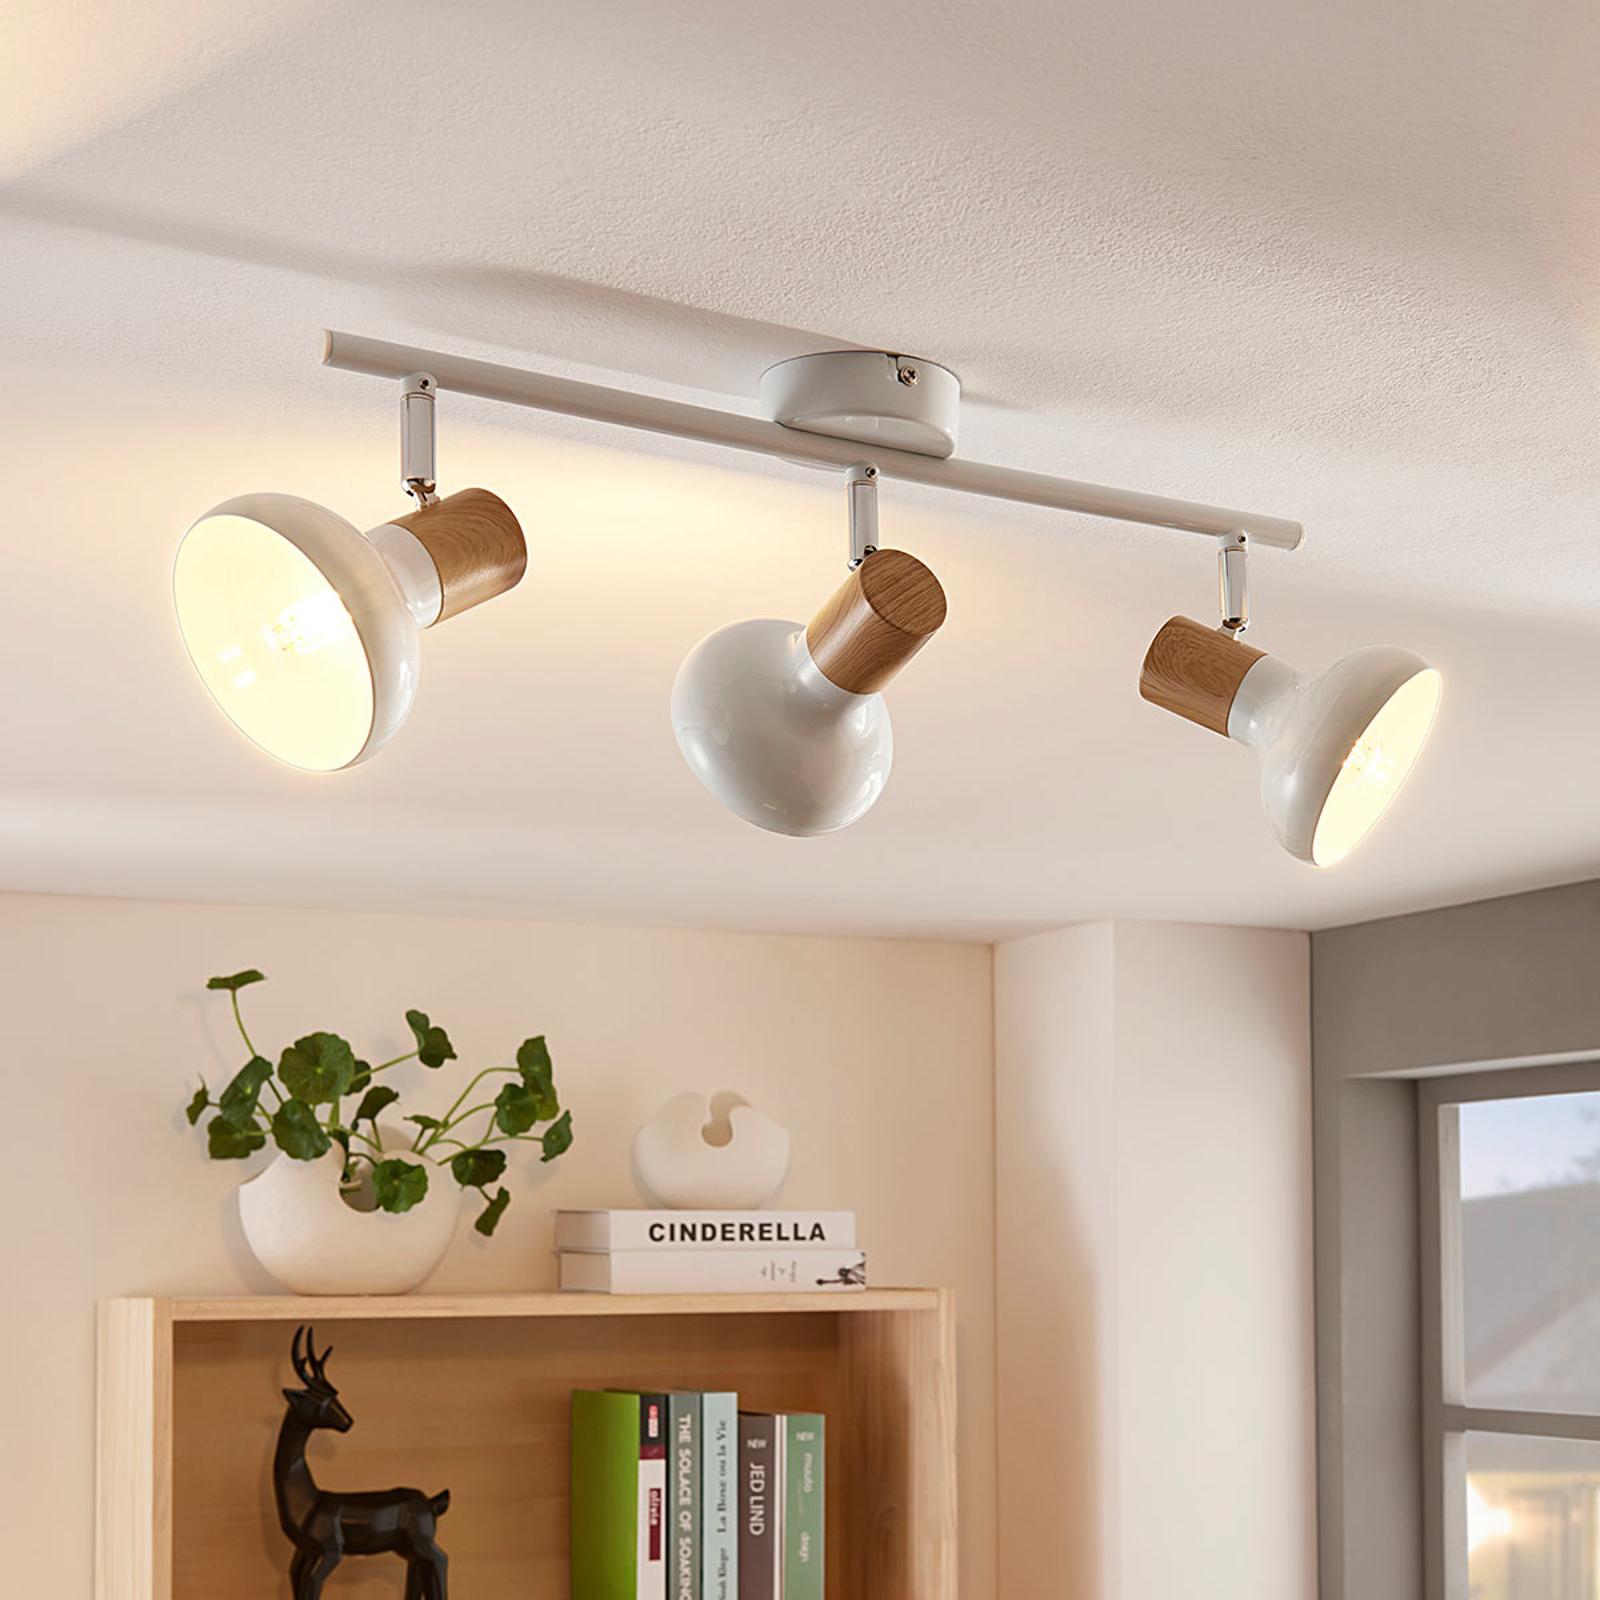 Fridolin - loftlampe med 3 lyskilder i metal